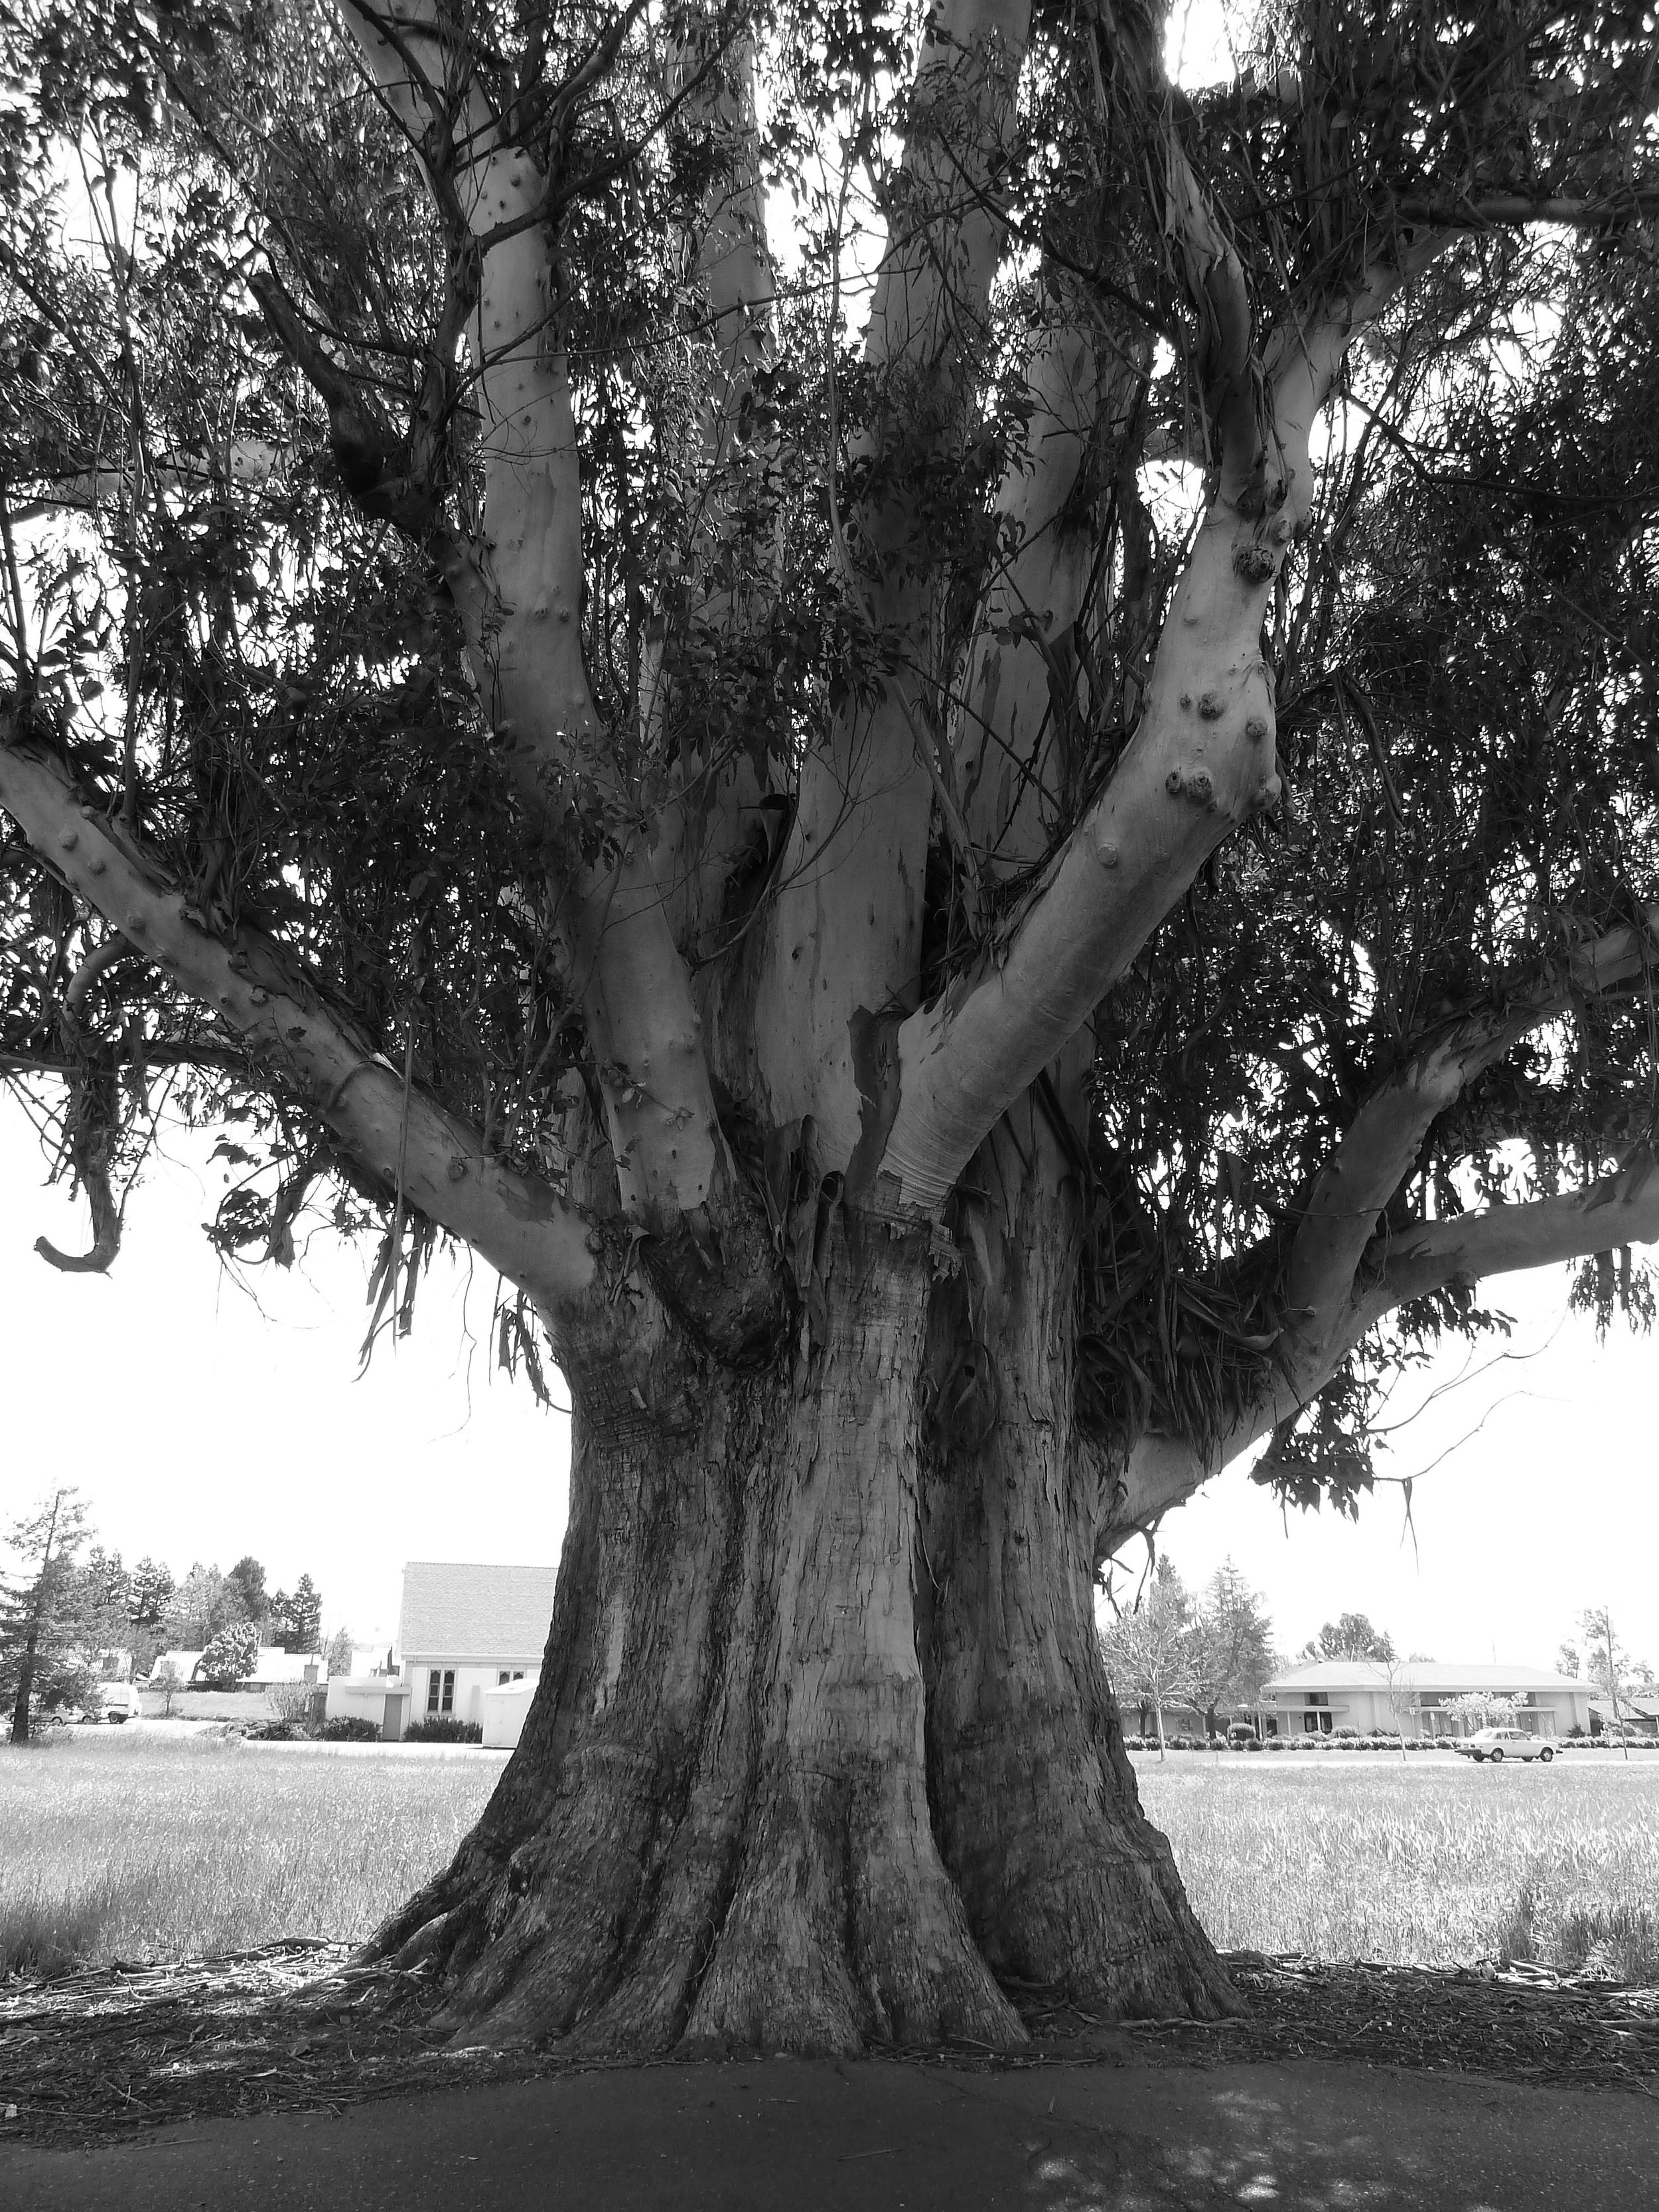 Eucalyptus Tree, Sonoma, CA 2013